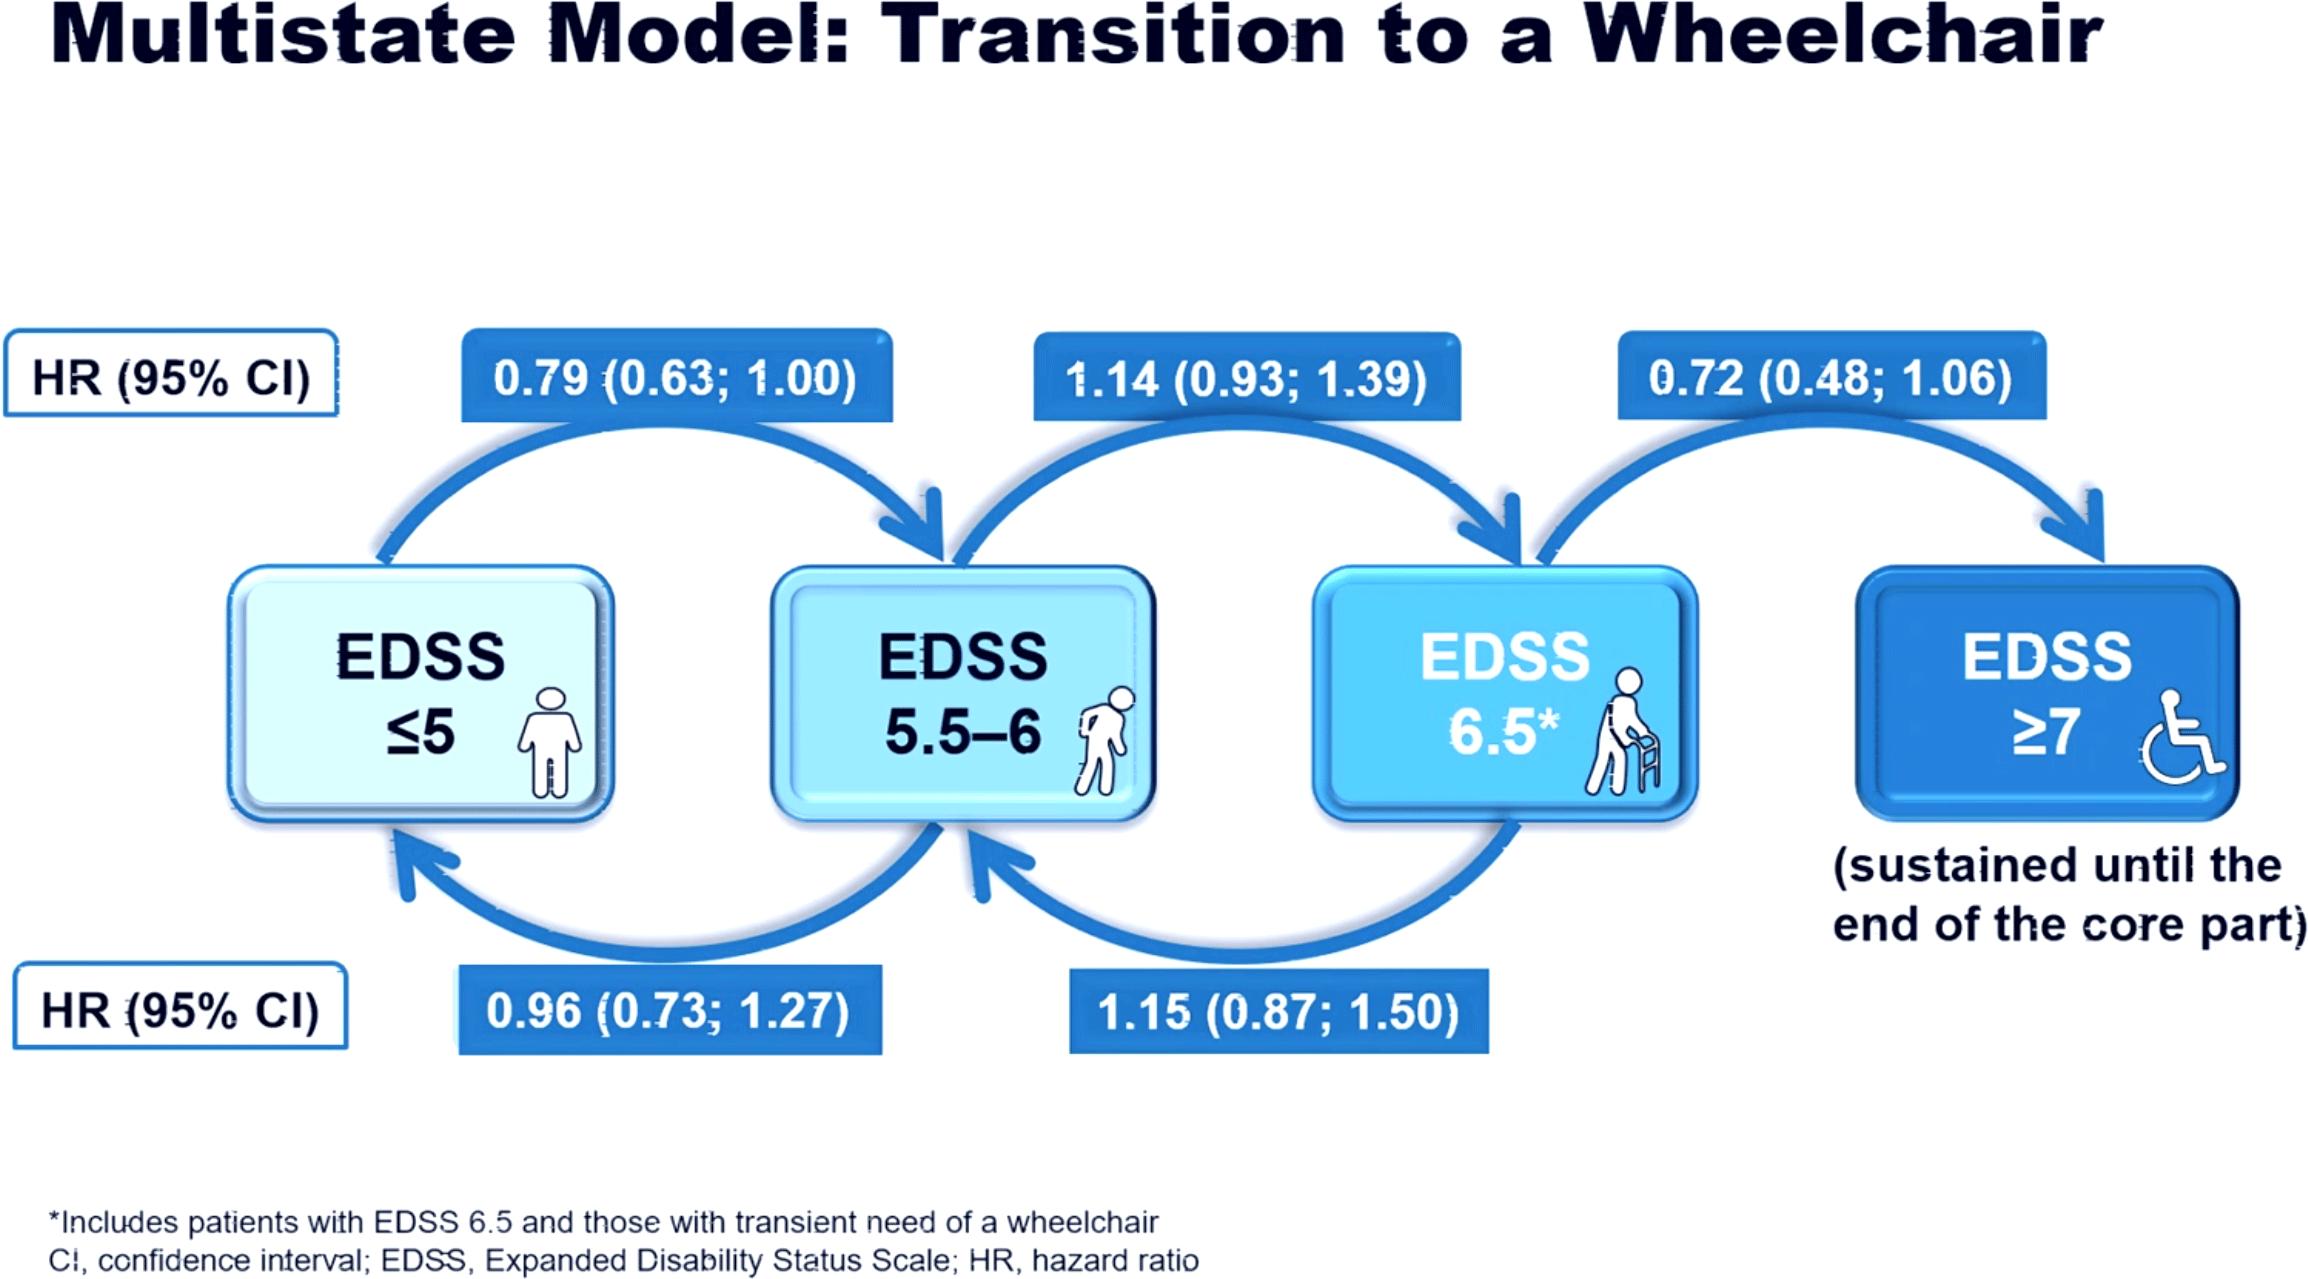 siponimod edss results 03 - Вторично-прогрессирующий рассеянный склероз: сипонимод против инвалидной коляски